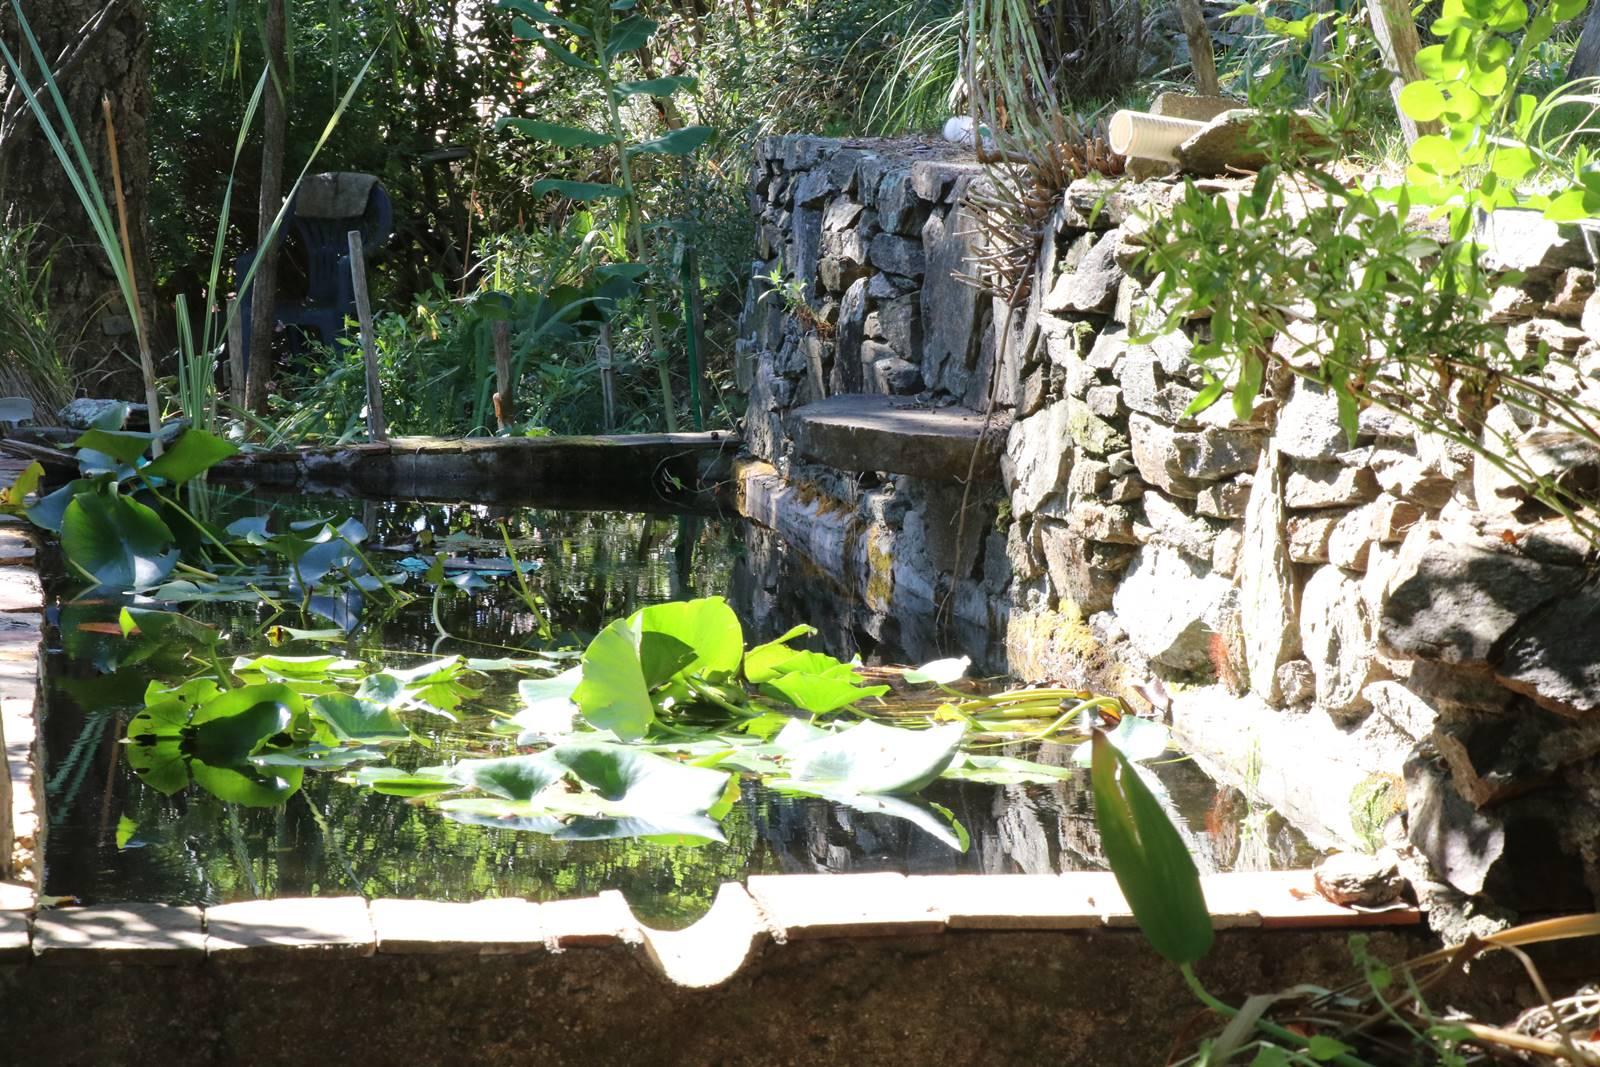 Jardin botanique Gassin (21)